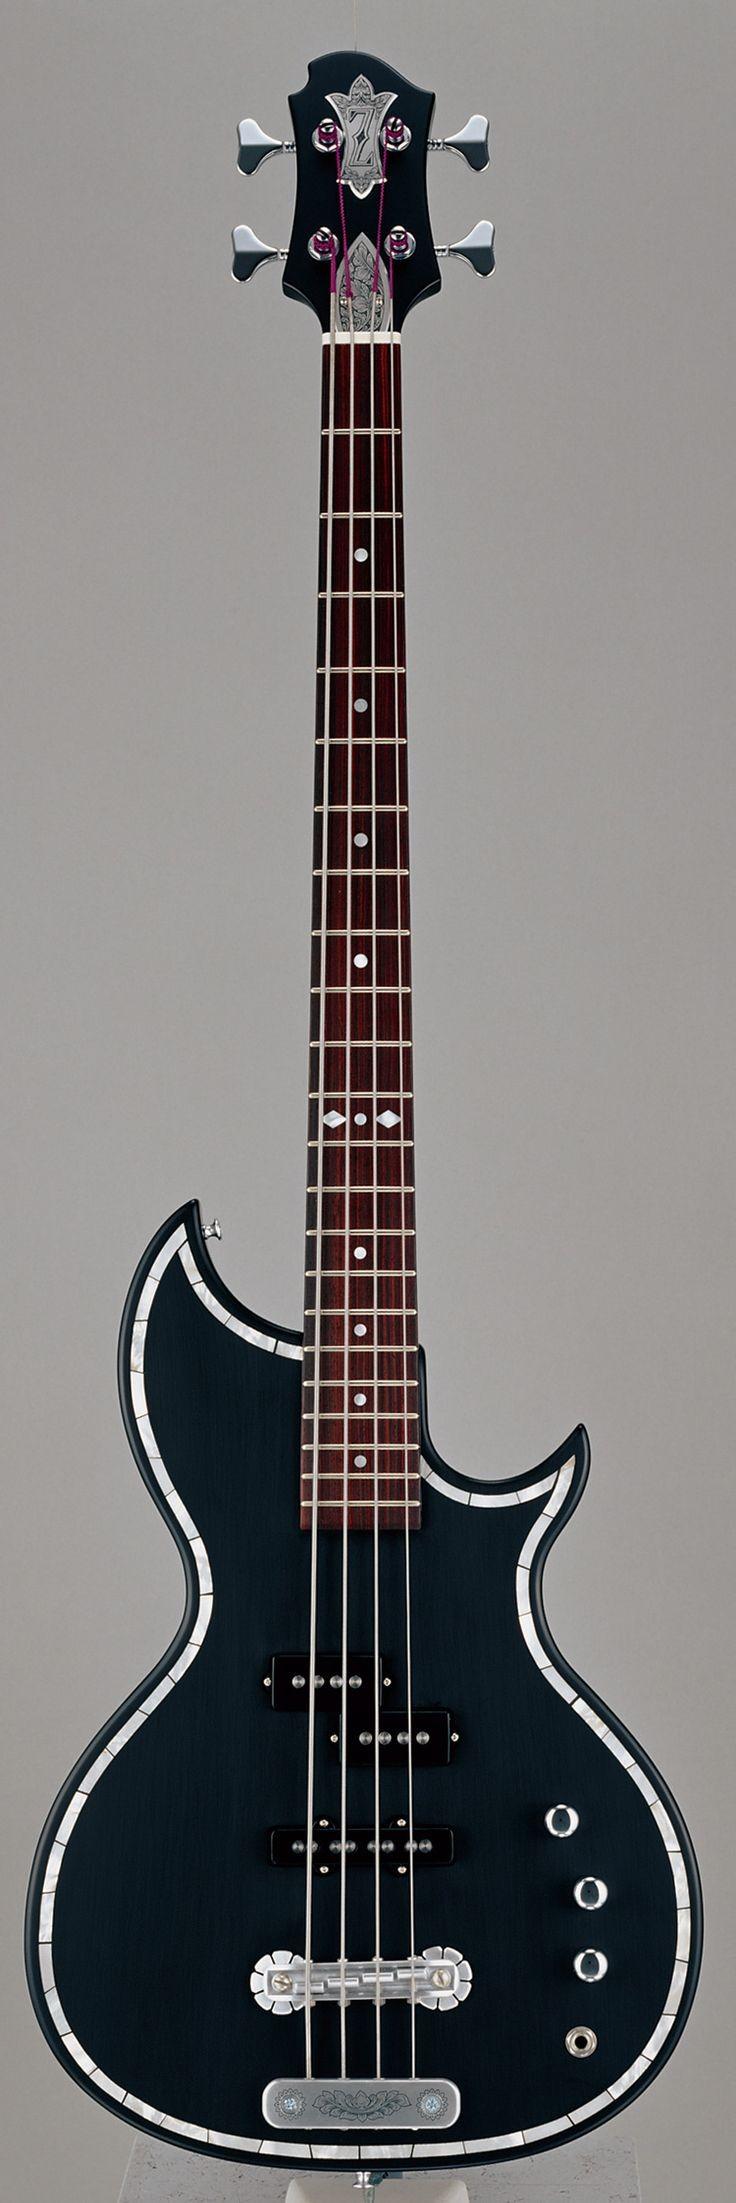 Zemaitis bass